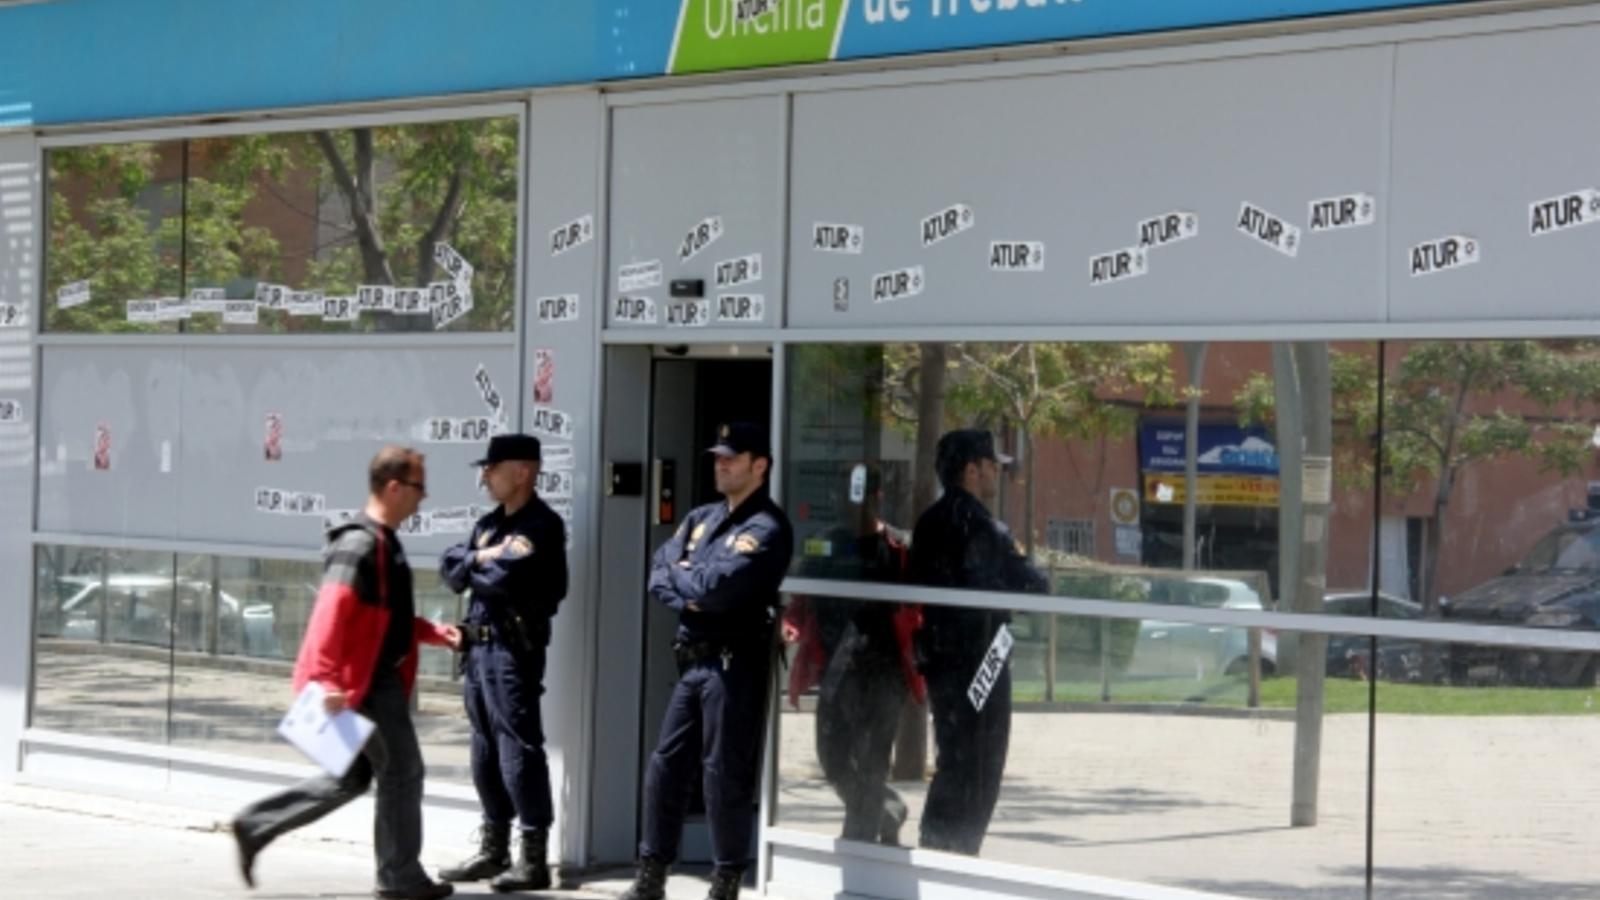 Uns 30 detinguts a catalunya en una operaci contra una for Oficina de treball barcelona